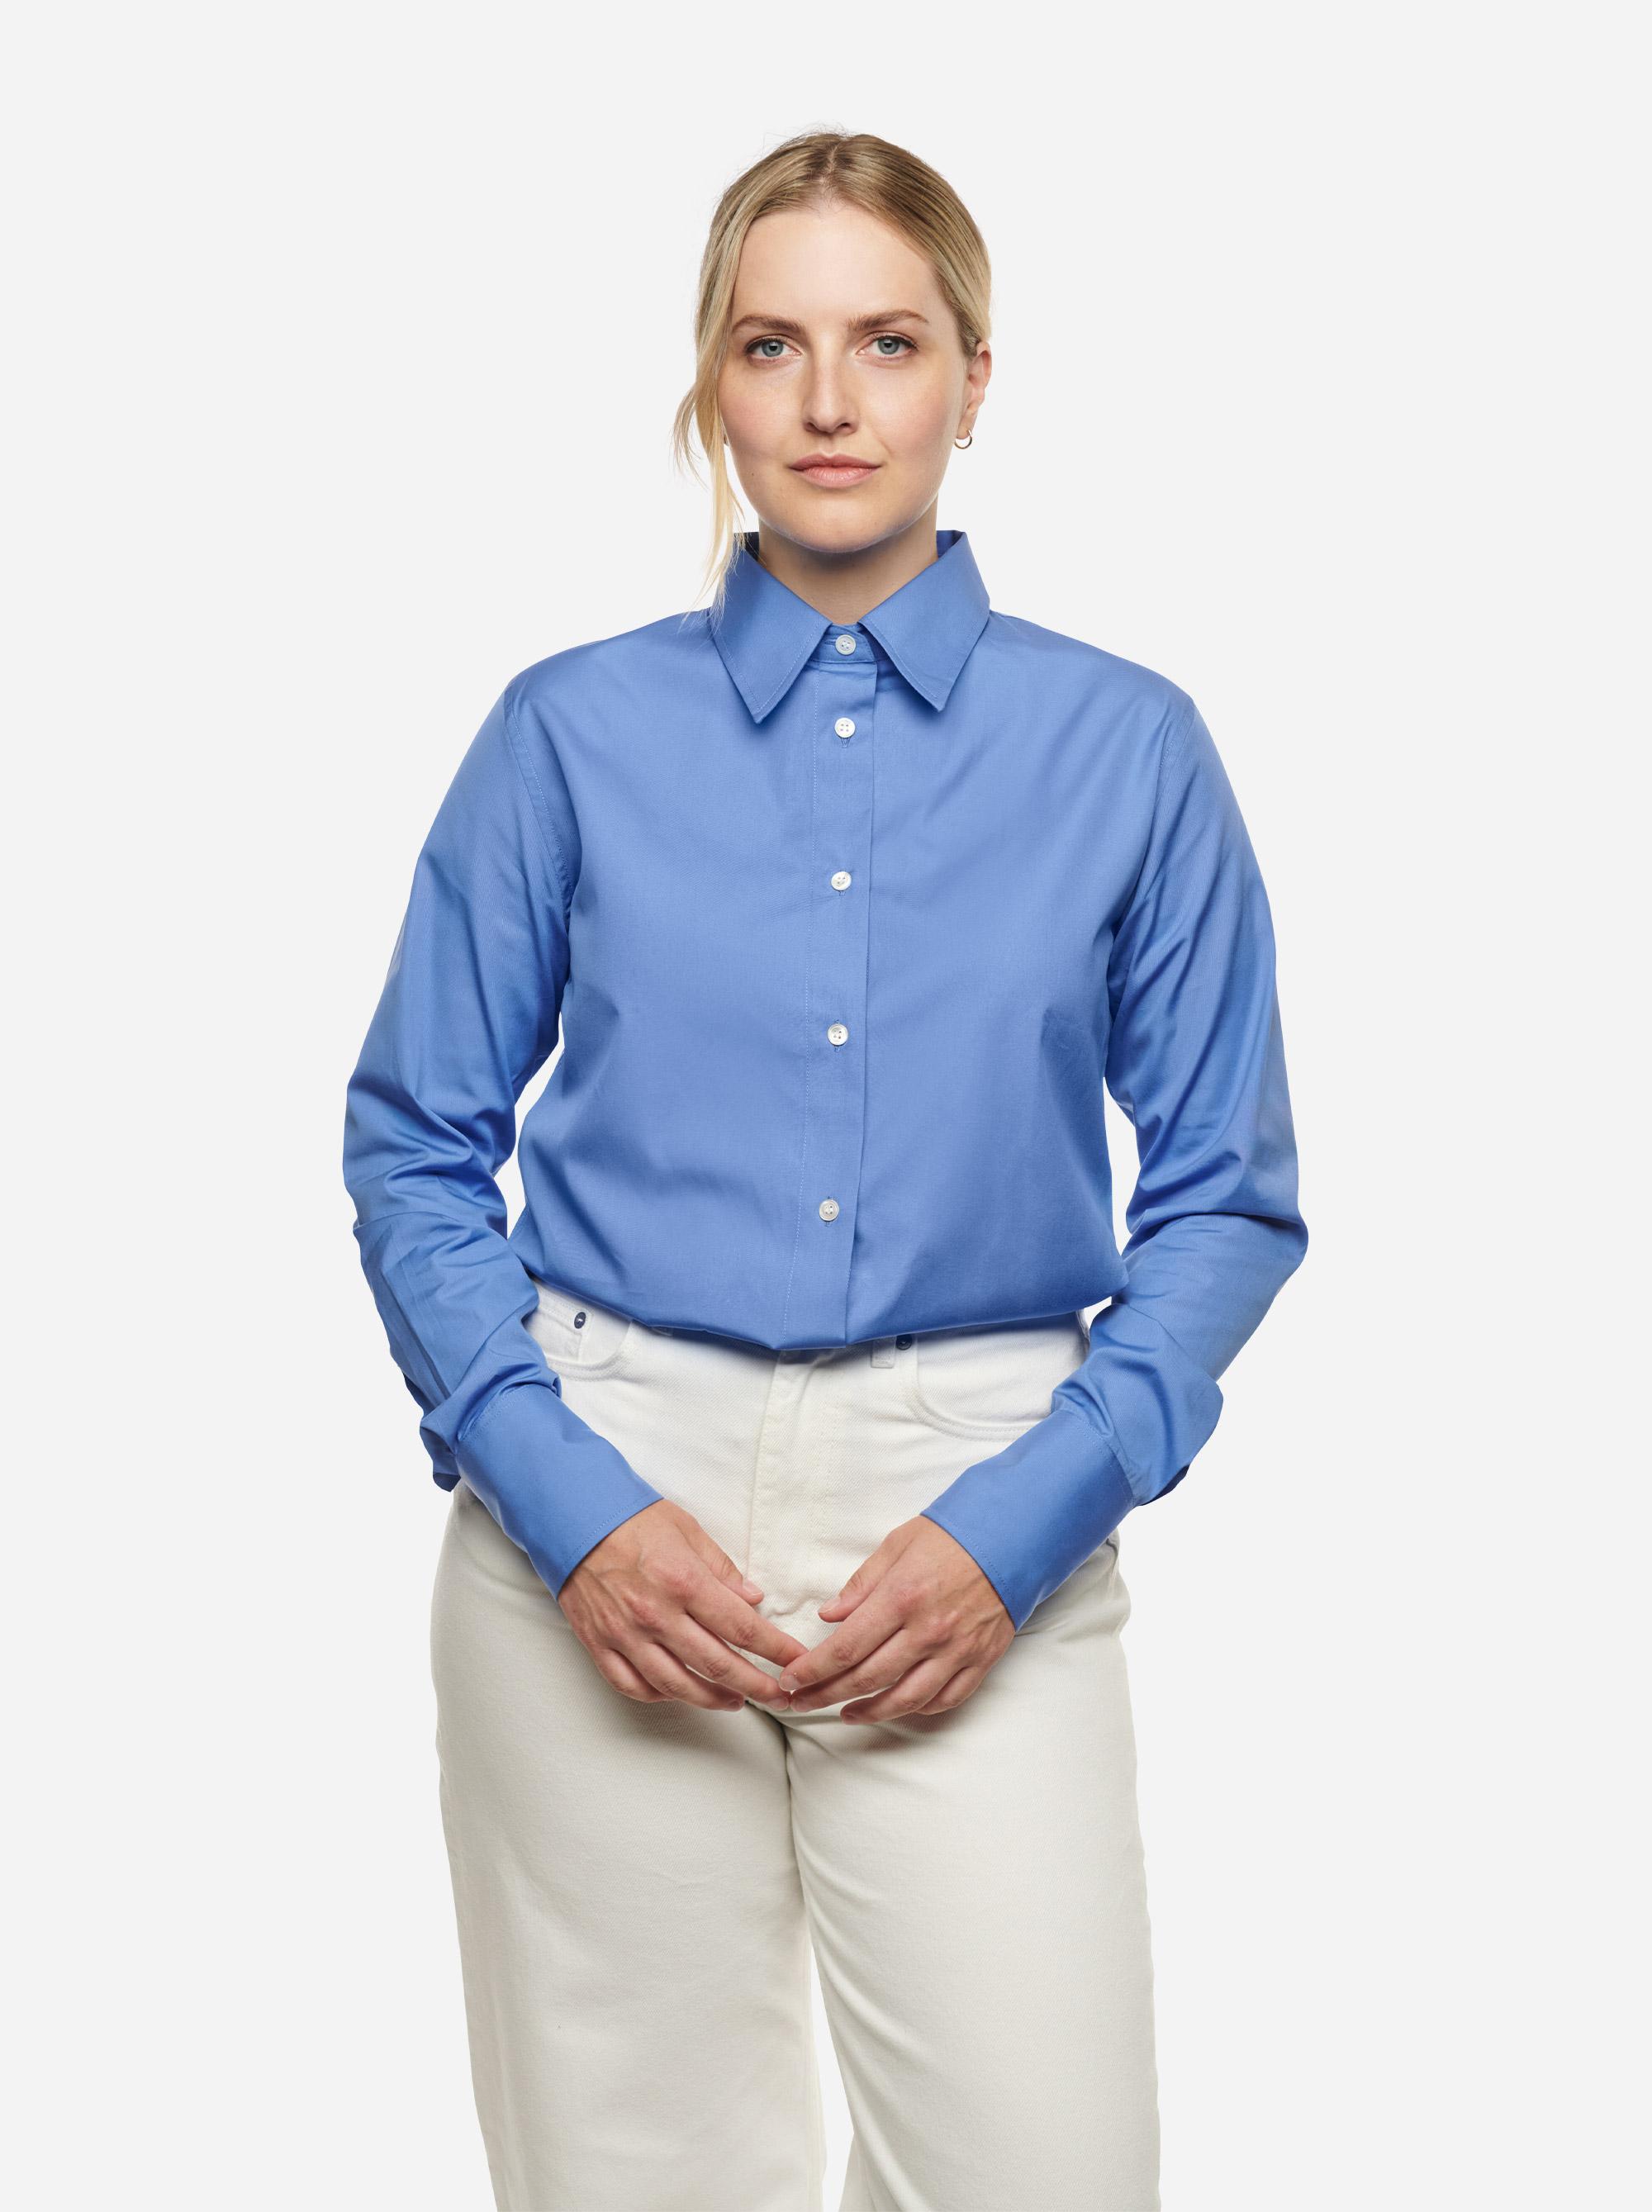 Teym-Shirt-Blue-women-2